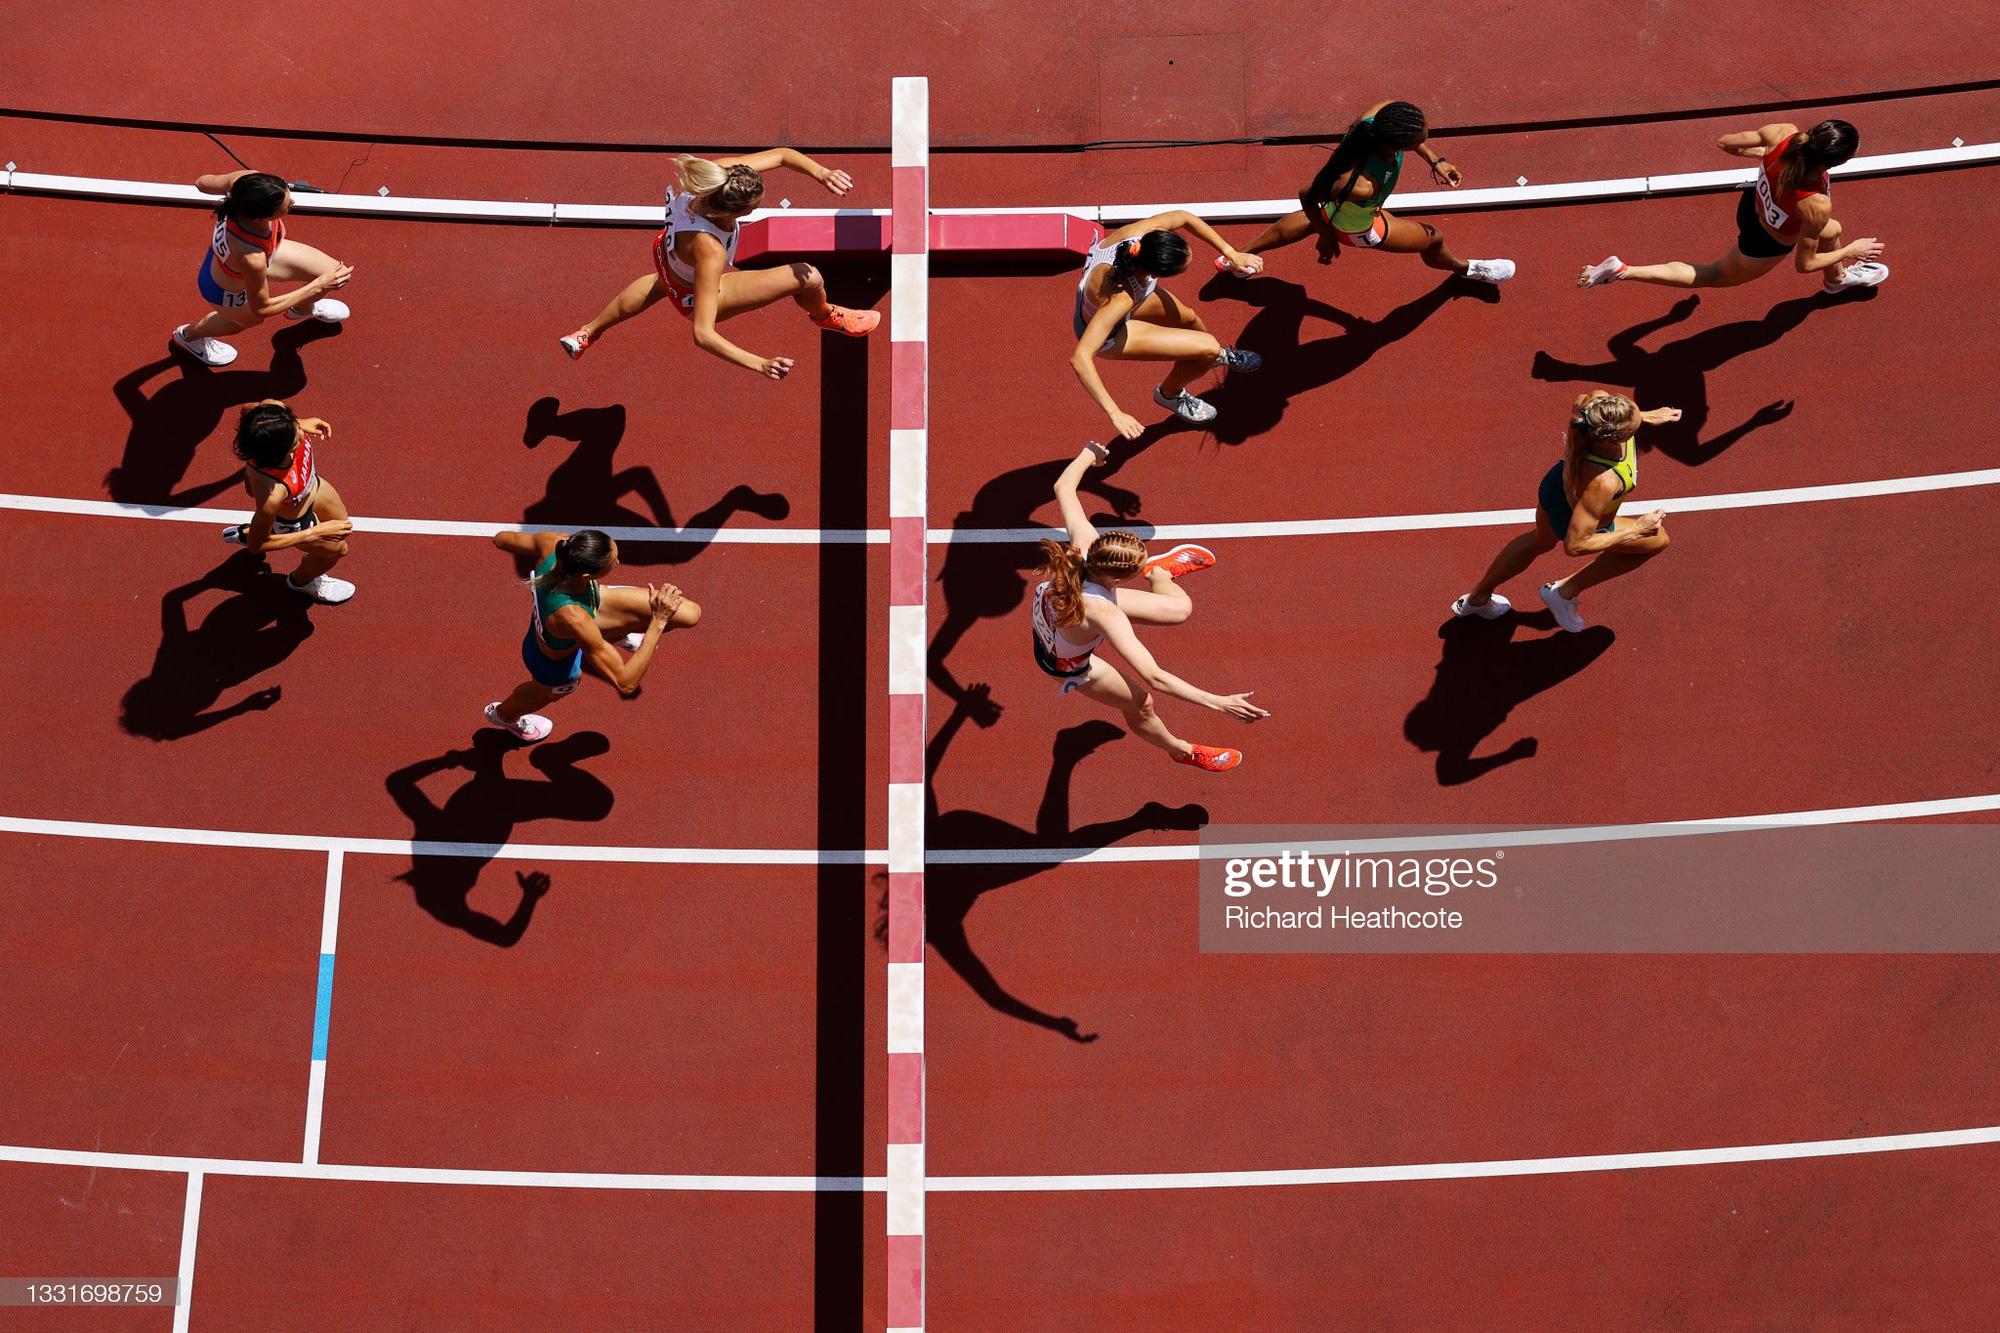 Những góc ảnh đẹp ngỡ ngàng ở Olympic Tokyo 2020 - Ảnh 7.